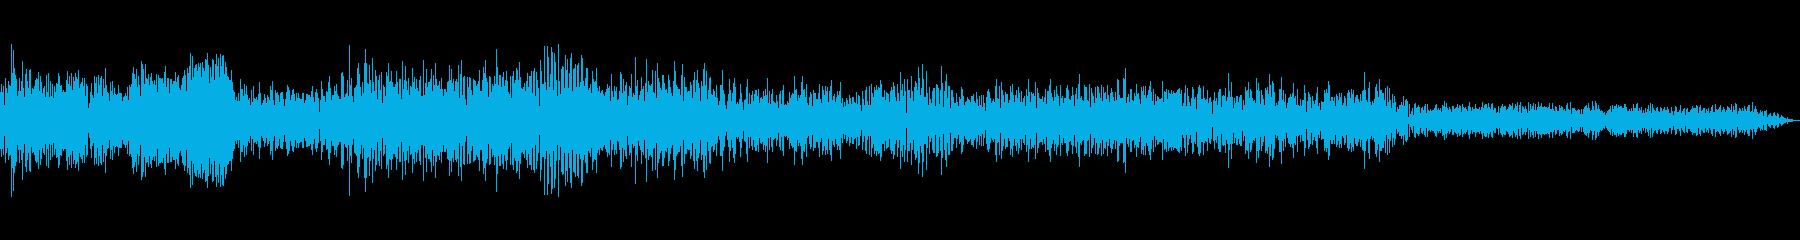 バキューン(SFな銃撃音)の再生済みの波形